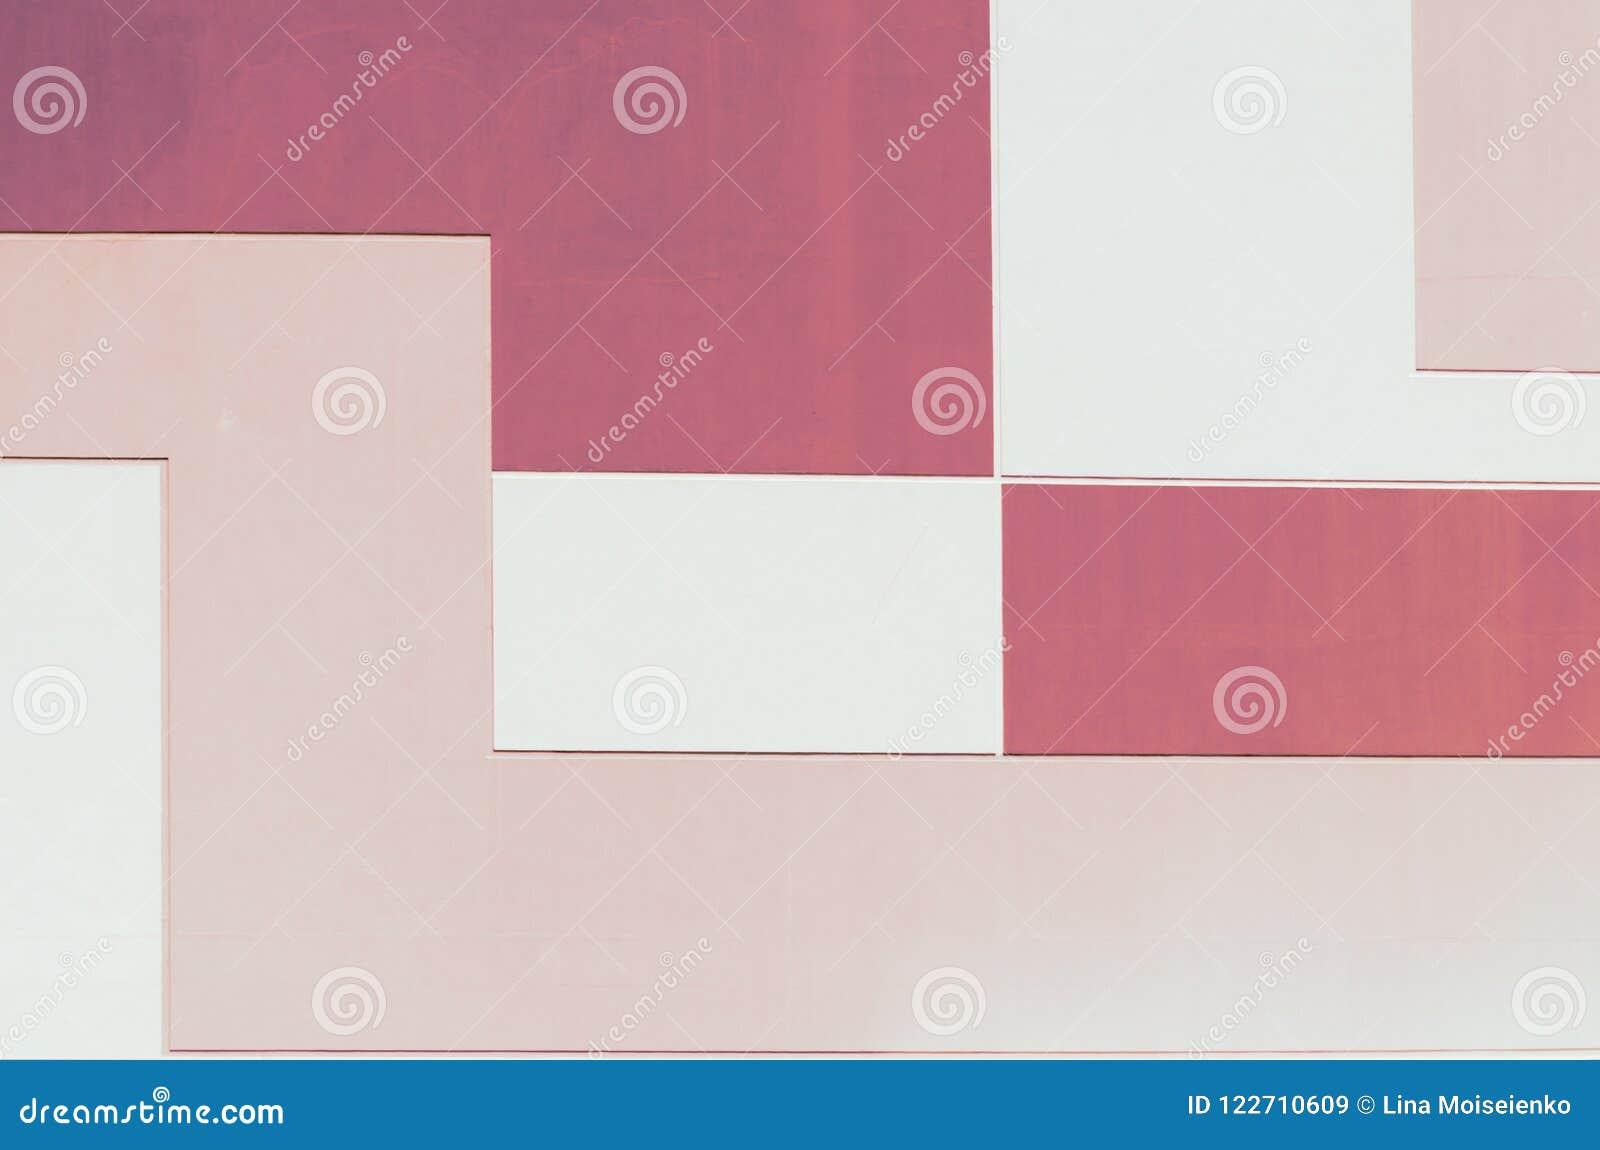 墙壁在淡色两种颜色,几何抽象背景,长方形形状中